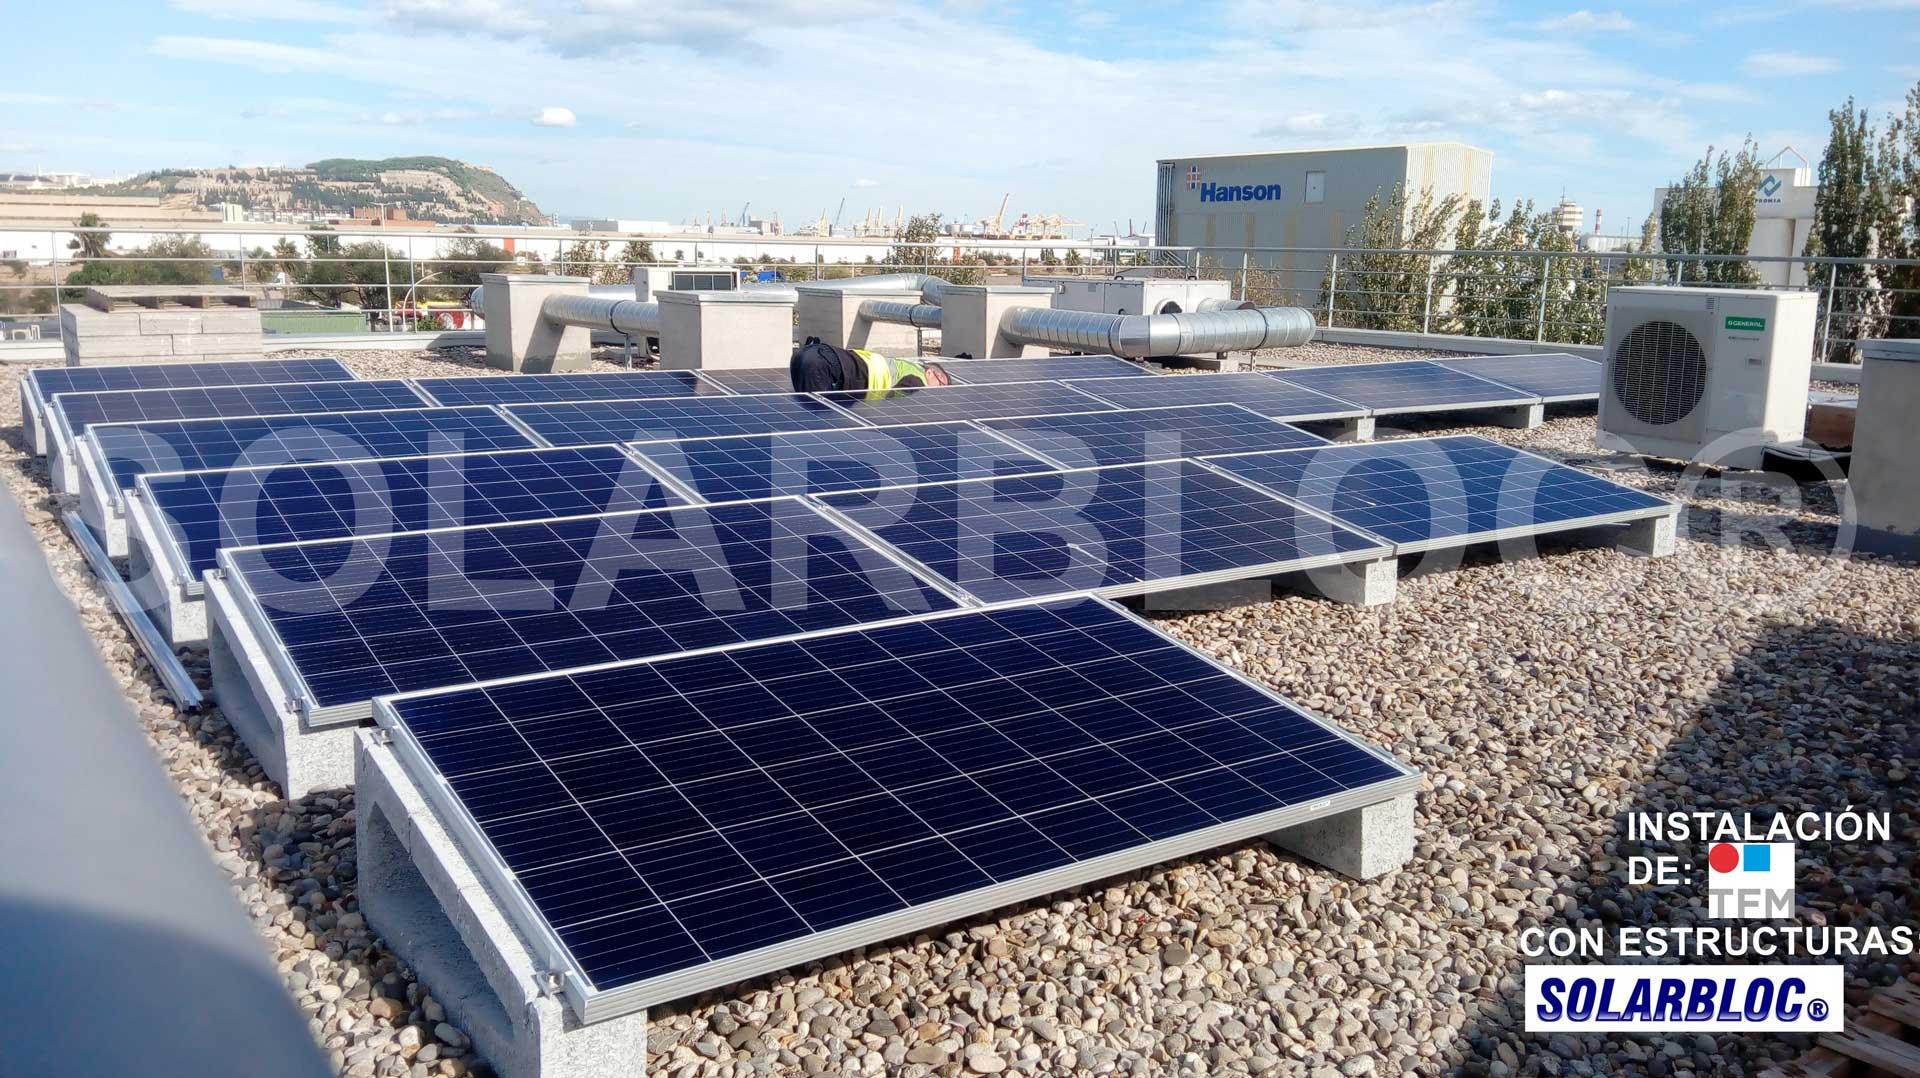 Soportes panel solar SOLARBLOC TFM